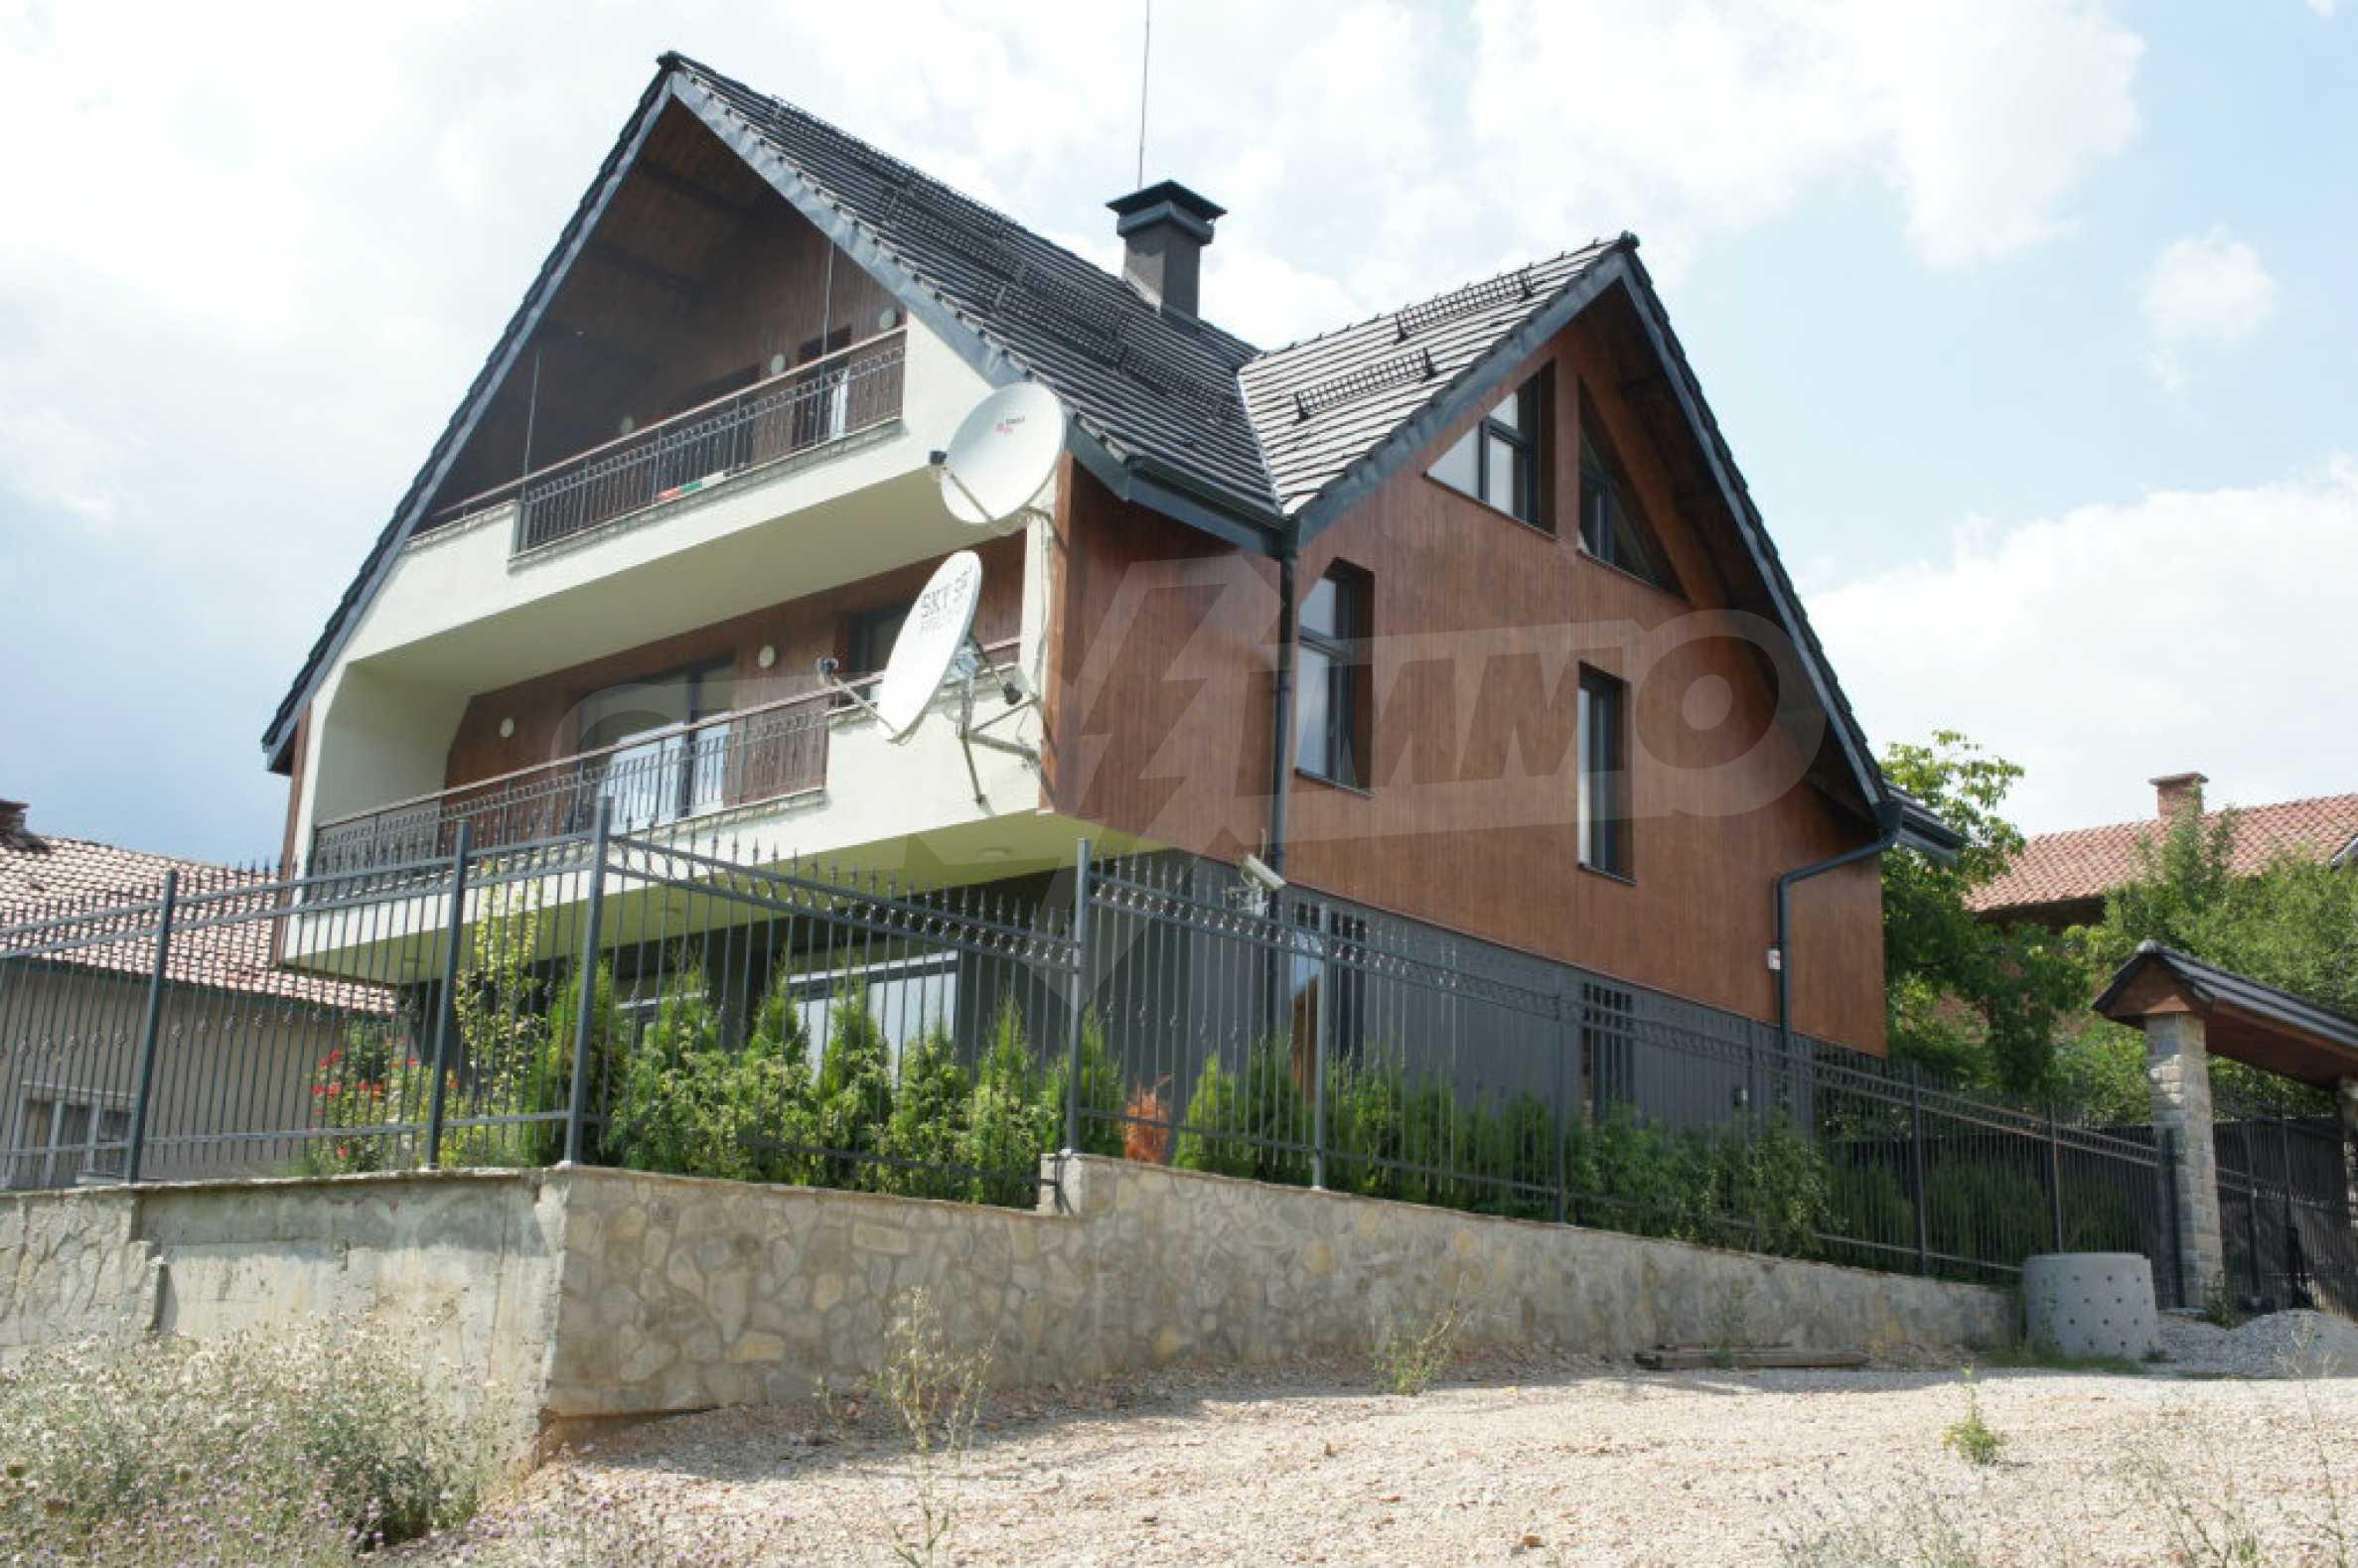 Gästehaus in der Nähe von Sofia!